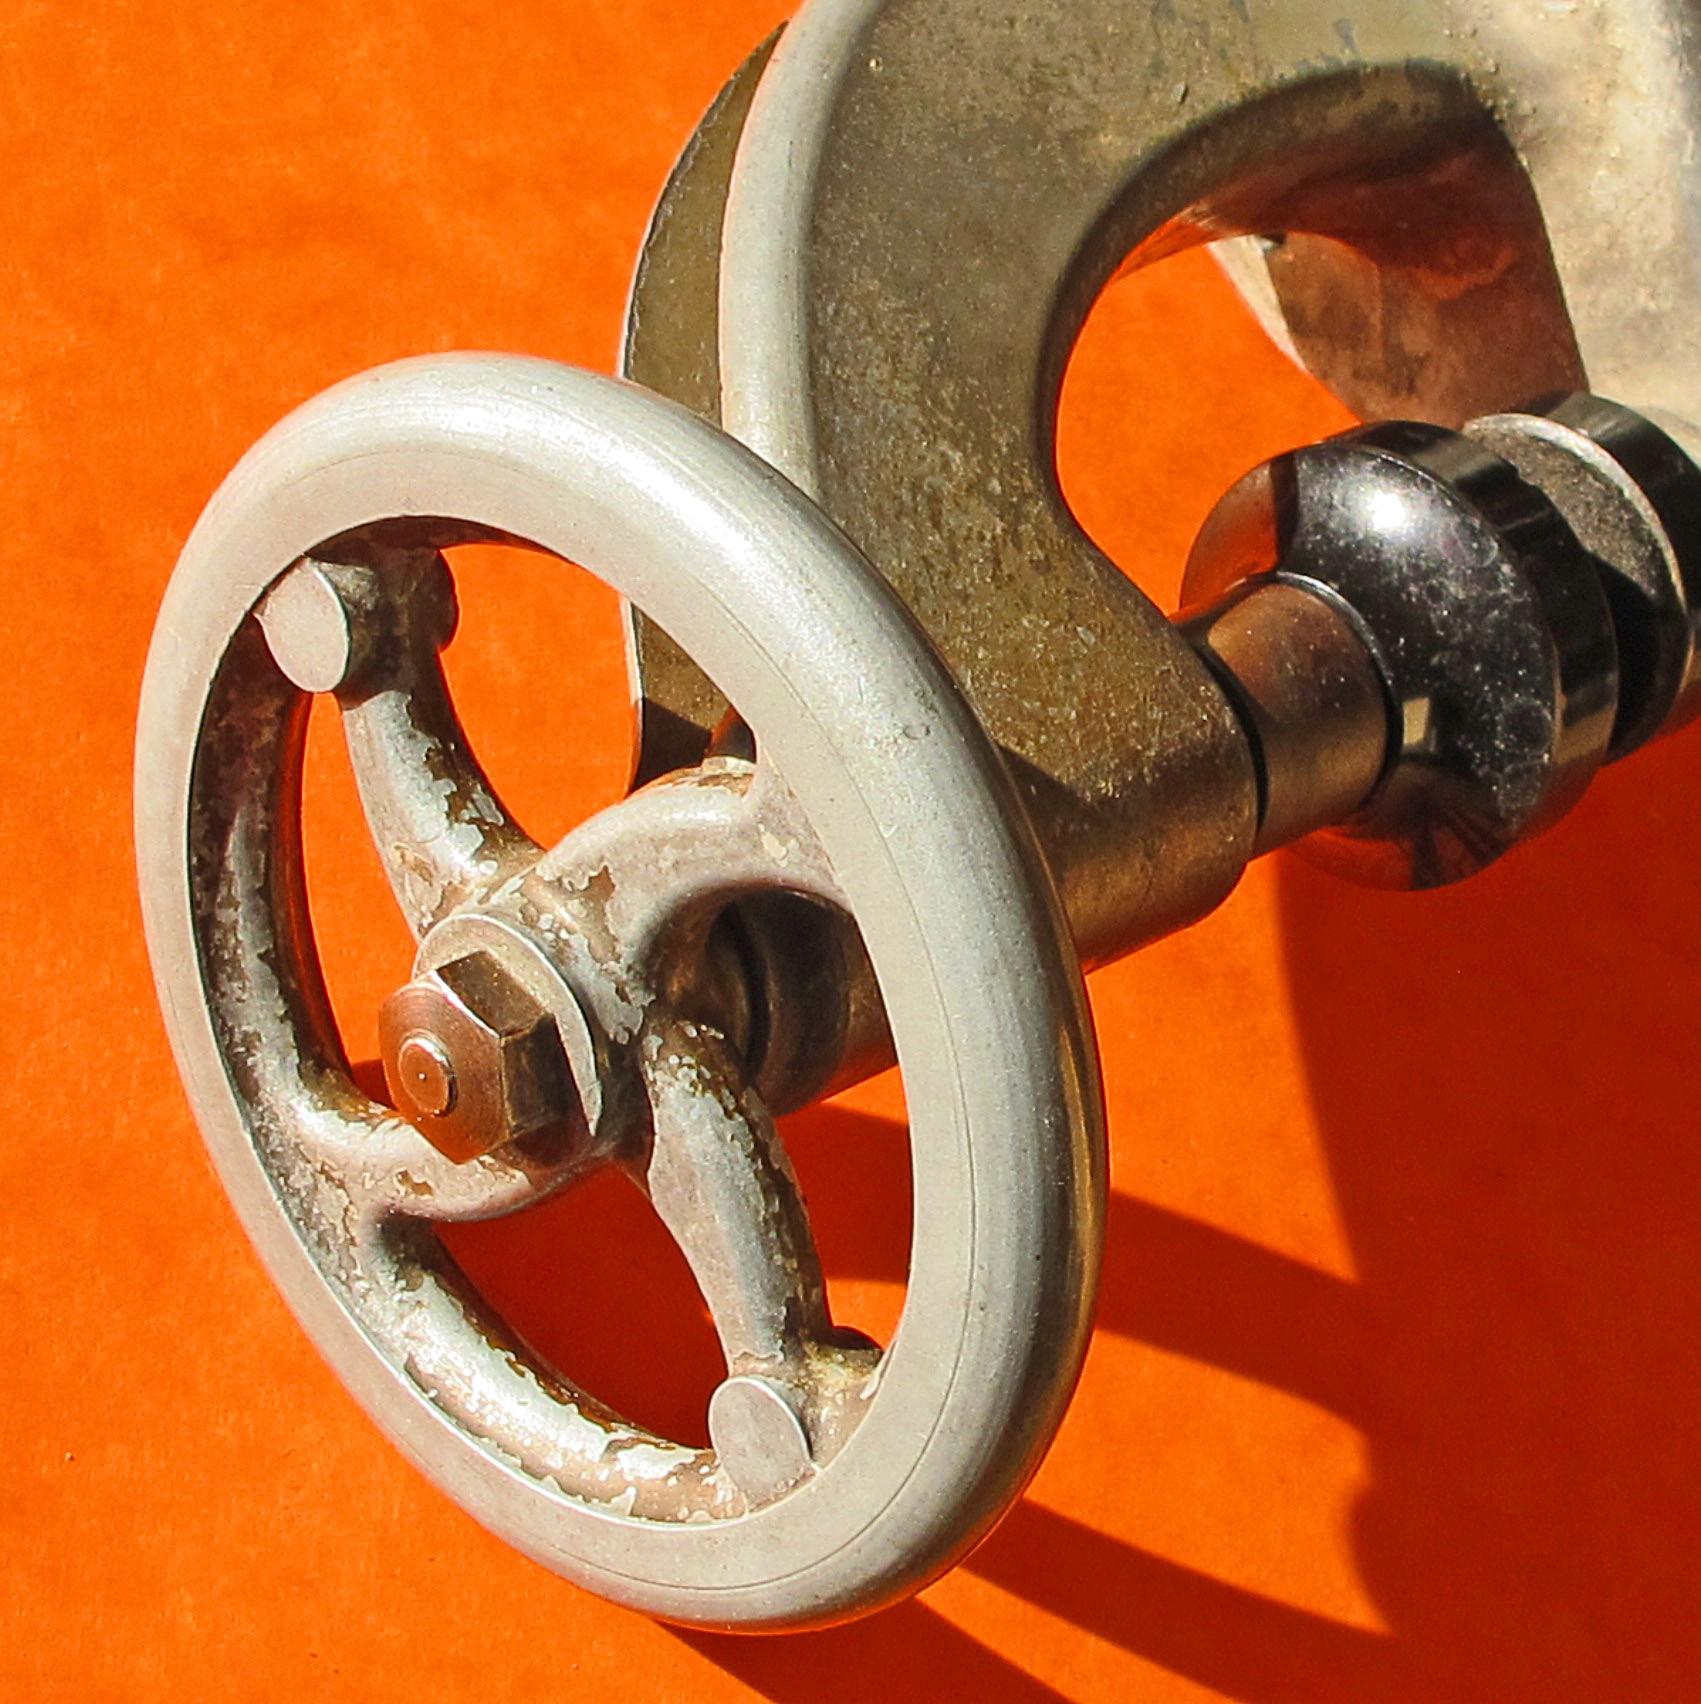 ROLEX ROBUR TOOL PLEXIGLASS TROPIC CYCLOP 60'S